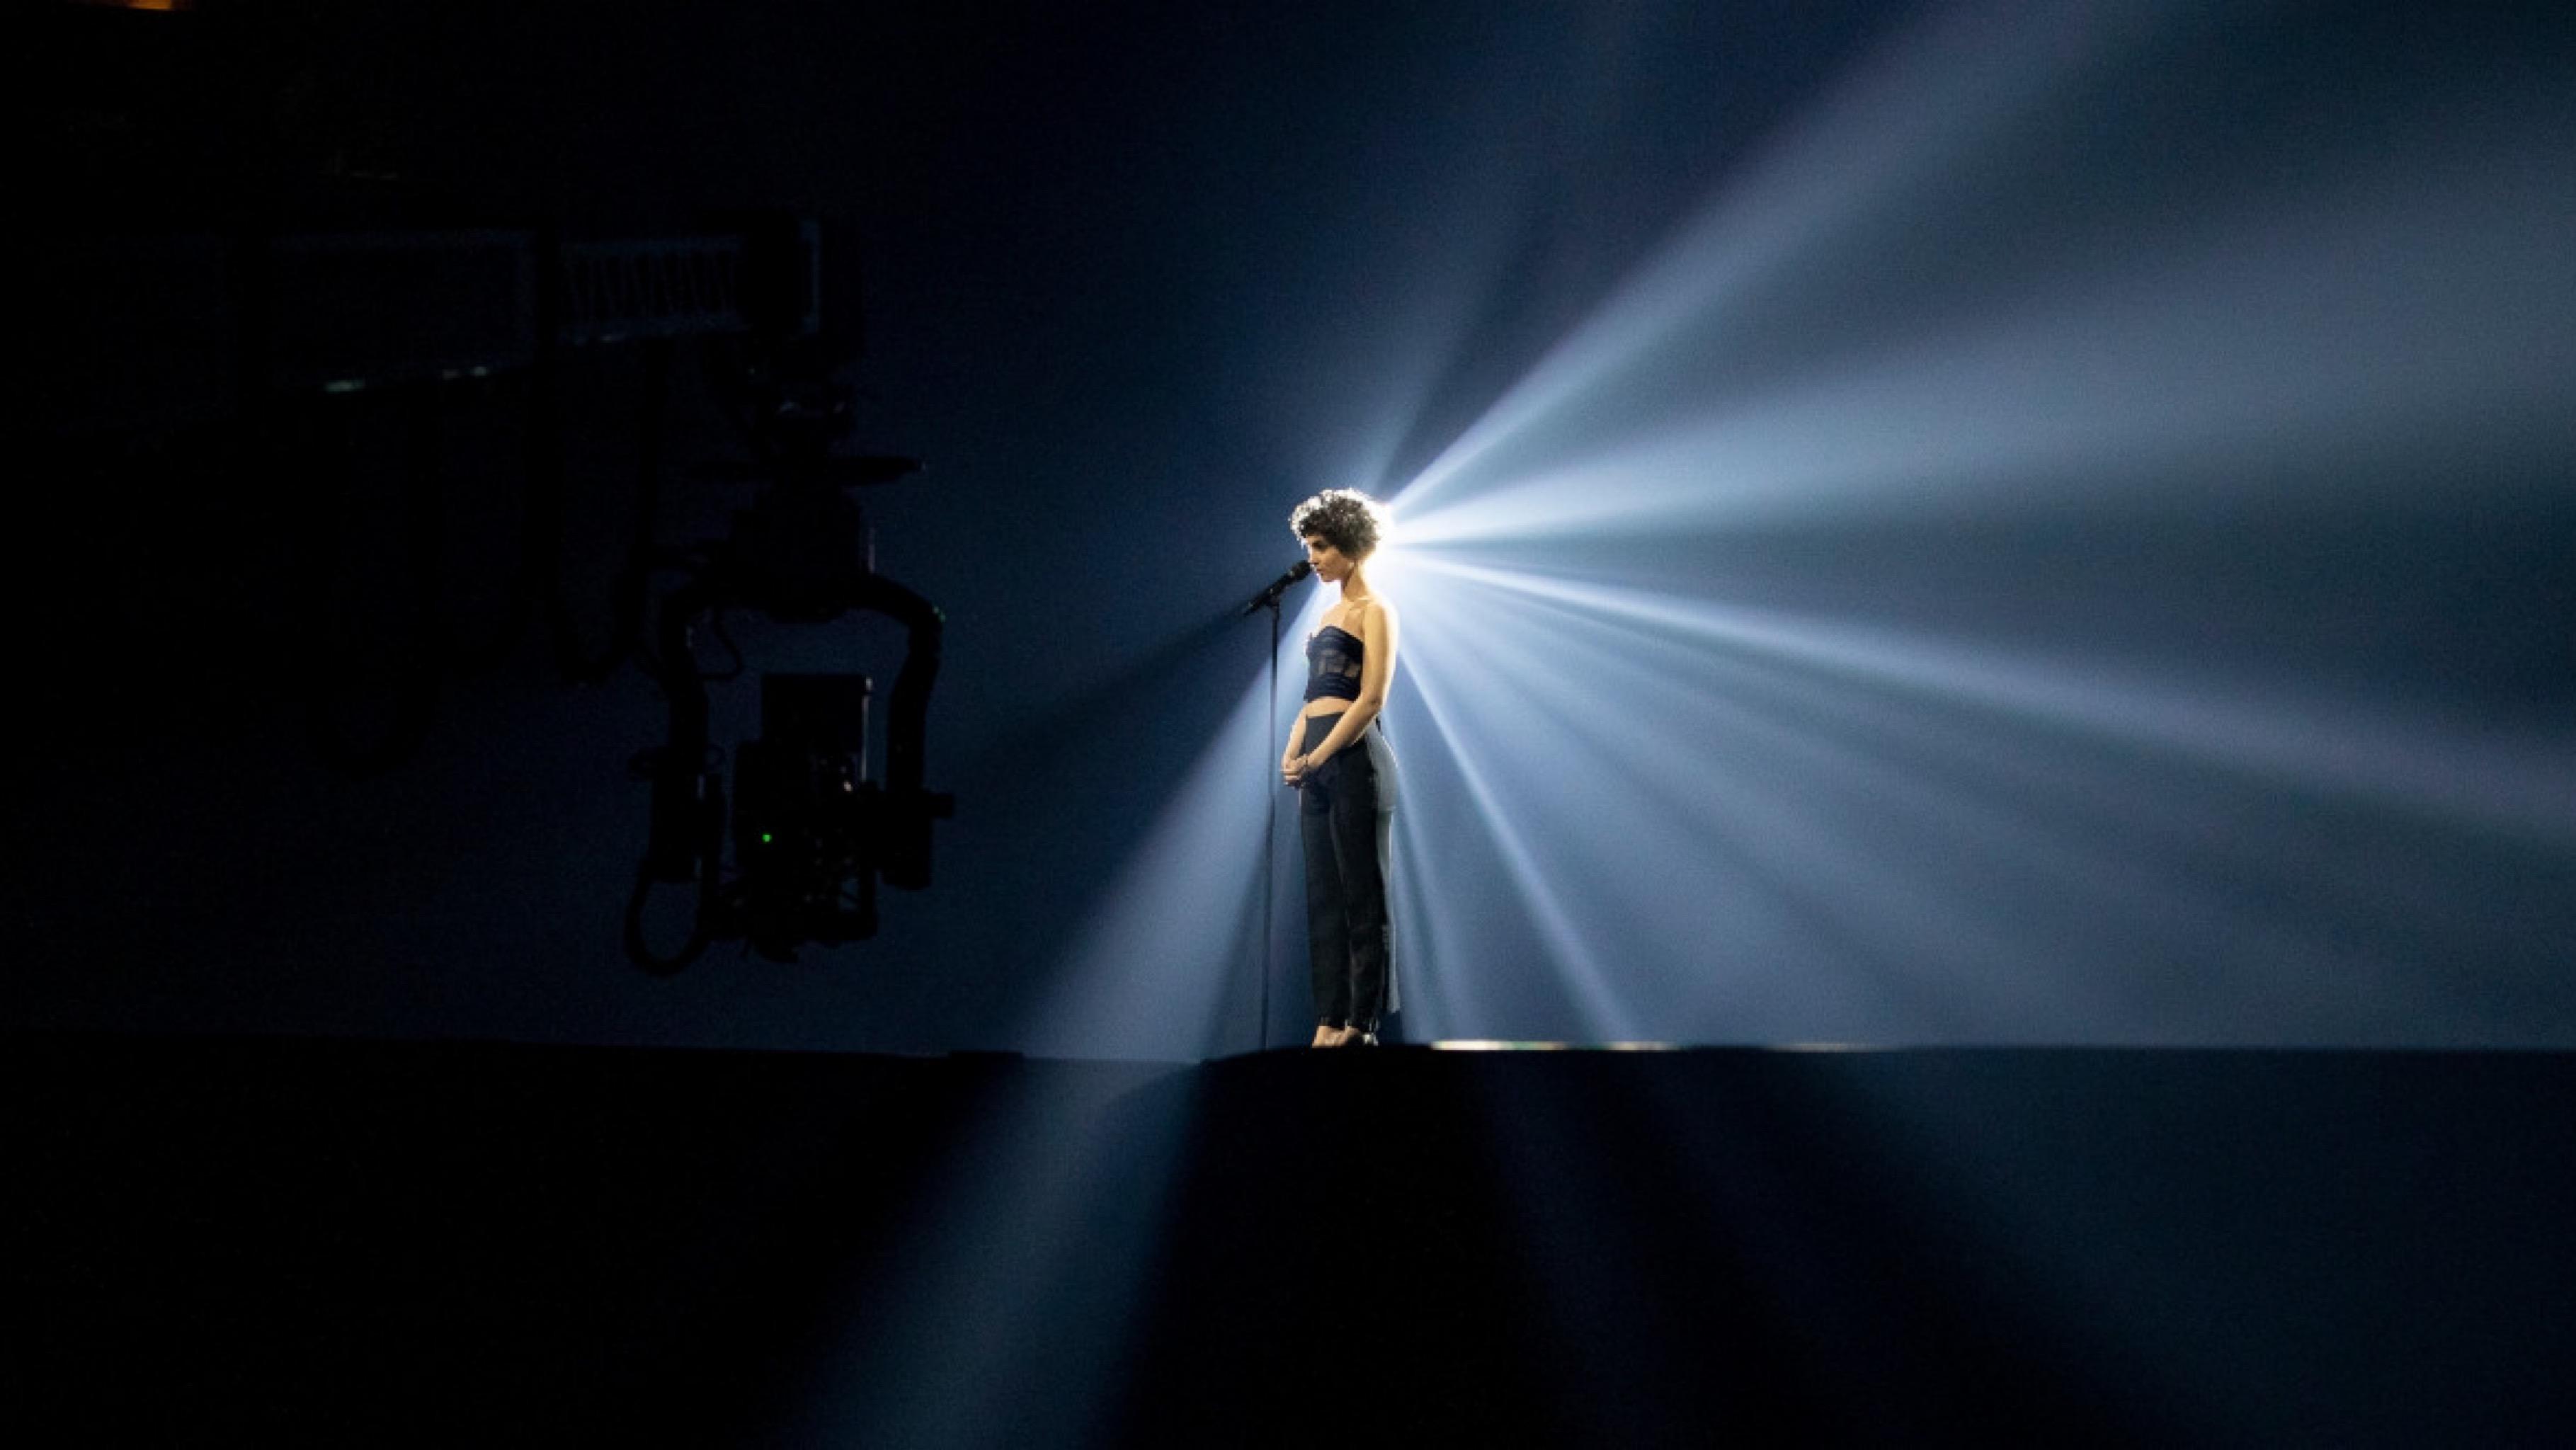 Deze landen maken kans om Songfestival 2021 te winnen - Songfestival.be